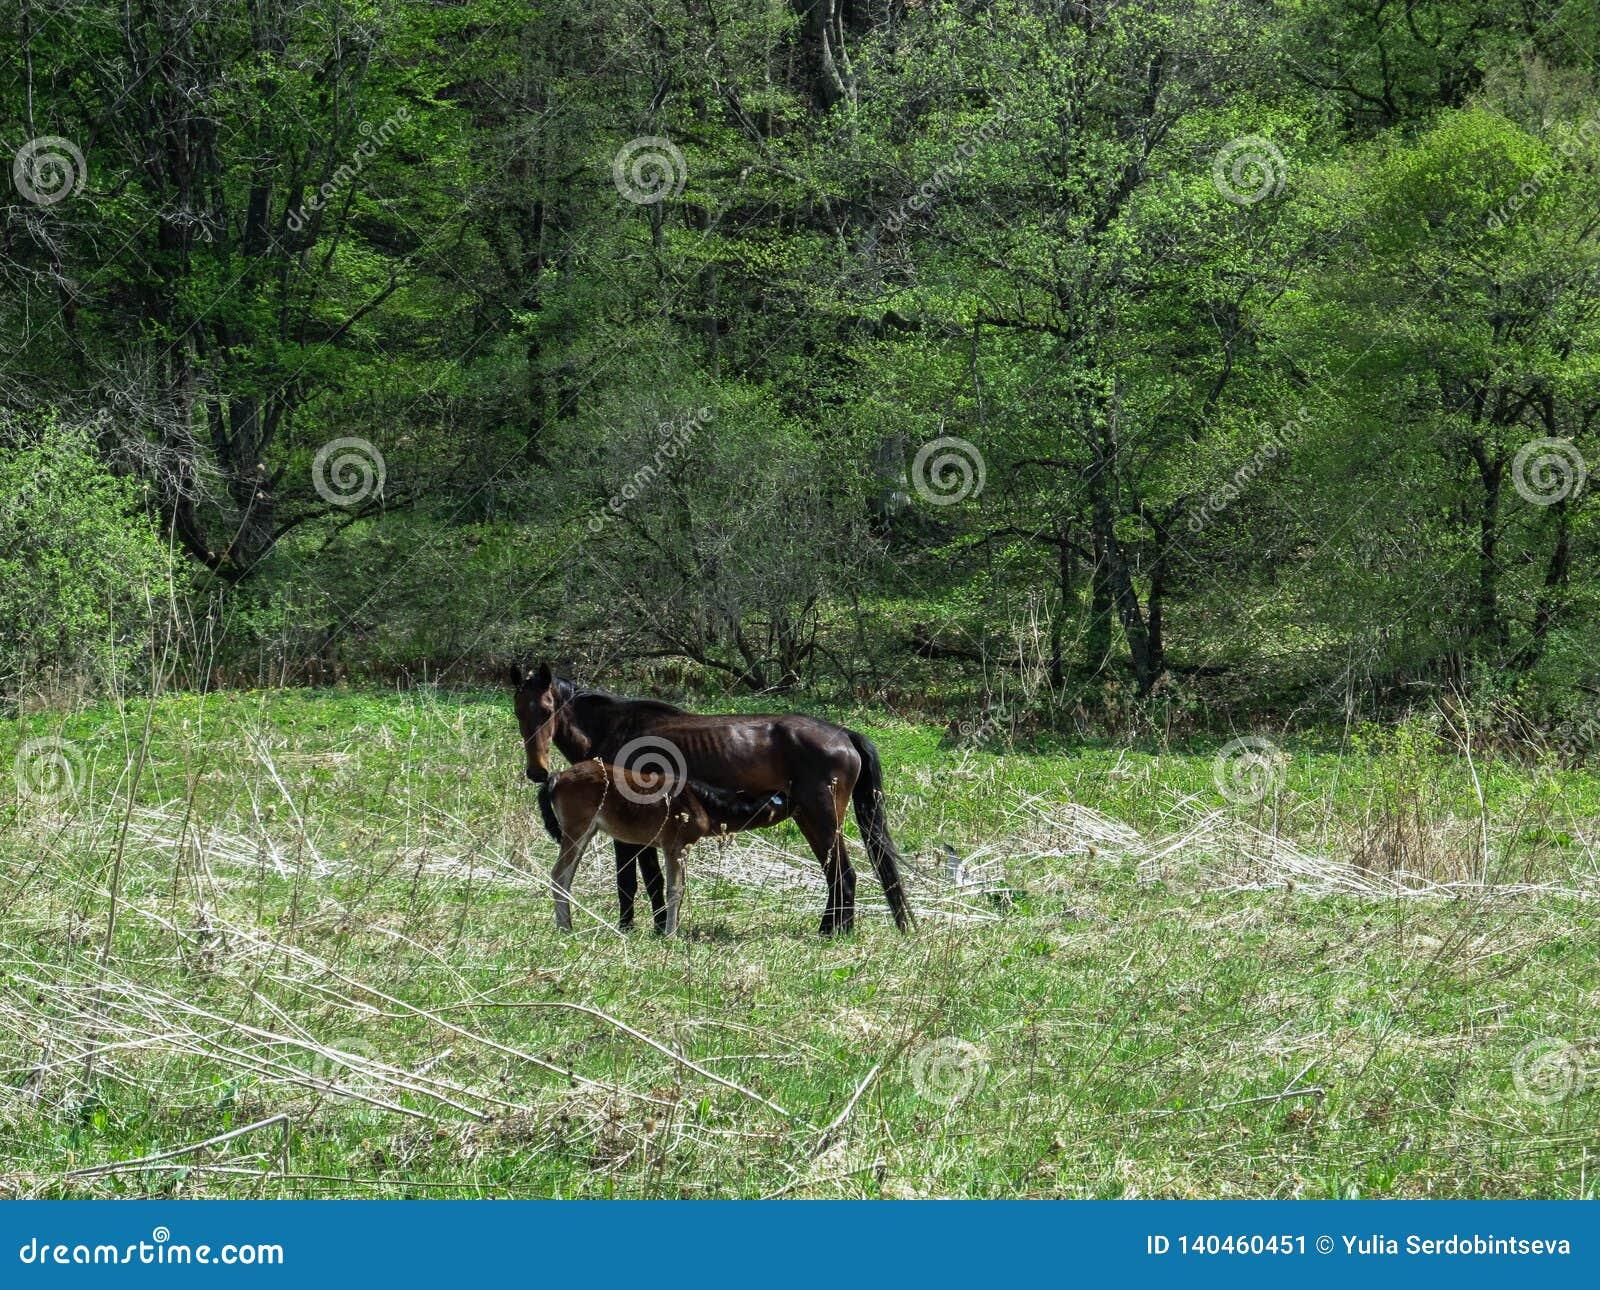 Een zwart paard voedt zijn veulen op de lente groene weide in het bos